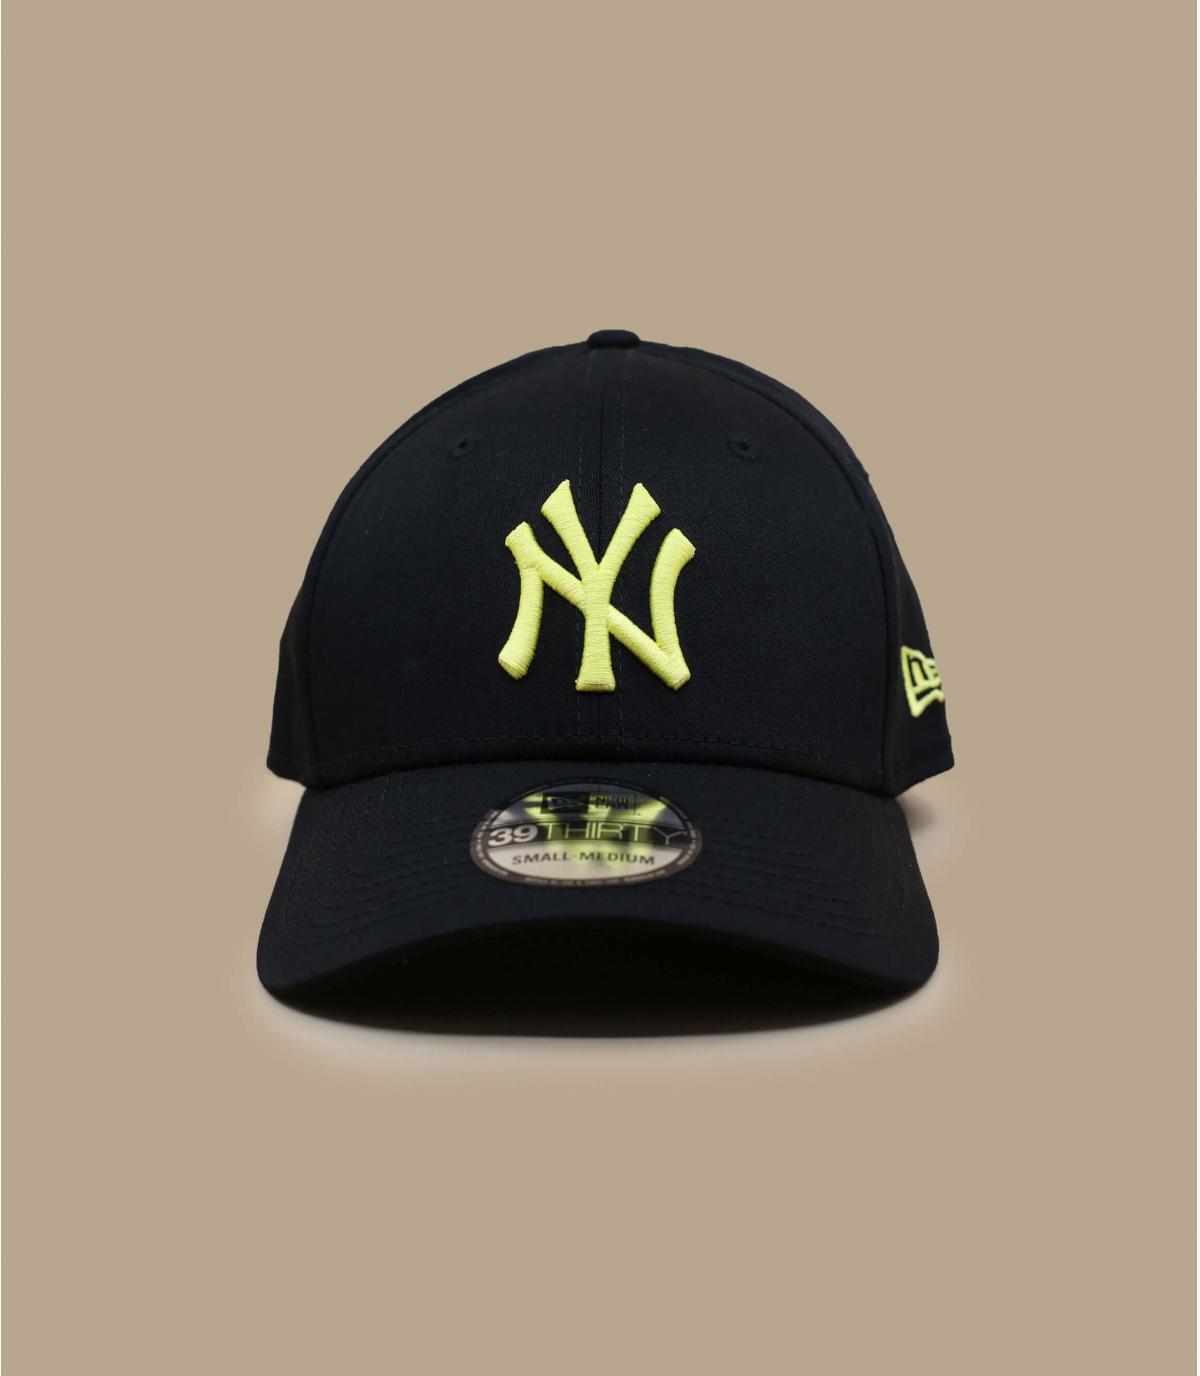 Détails League Ess NY 3930 black - image 2